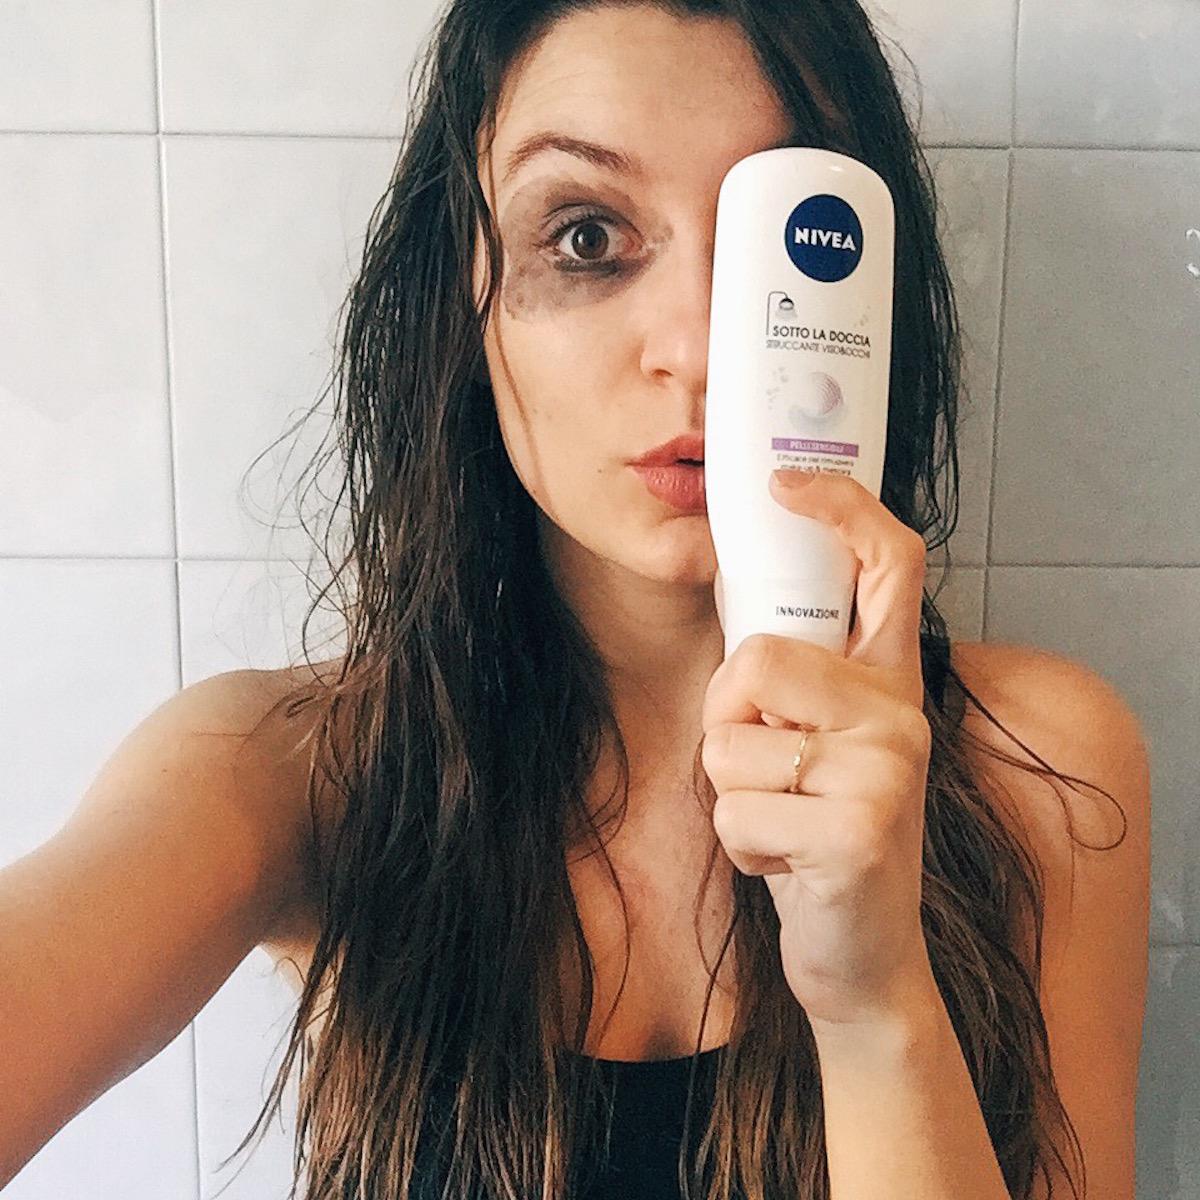 Nivea struccante sotto la doccia